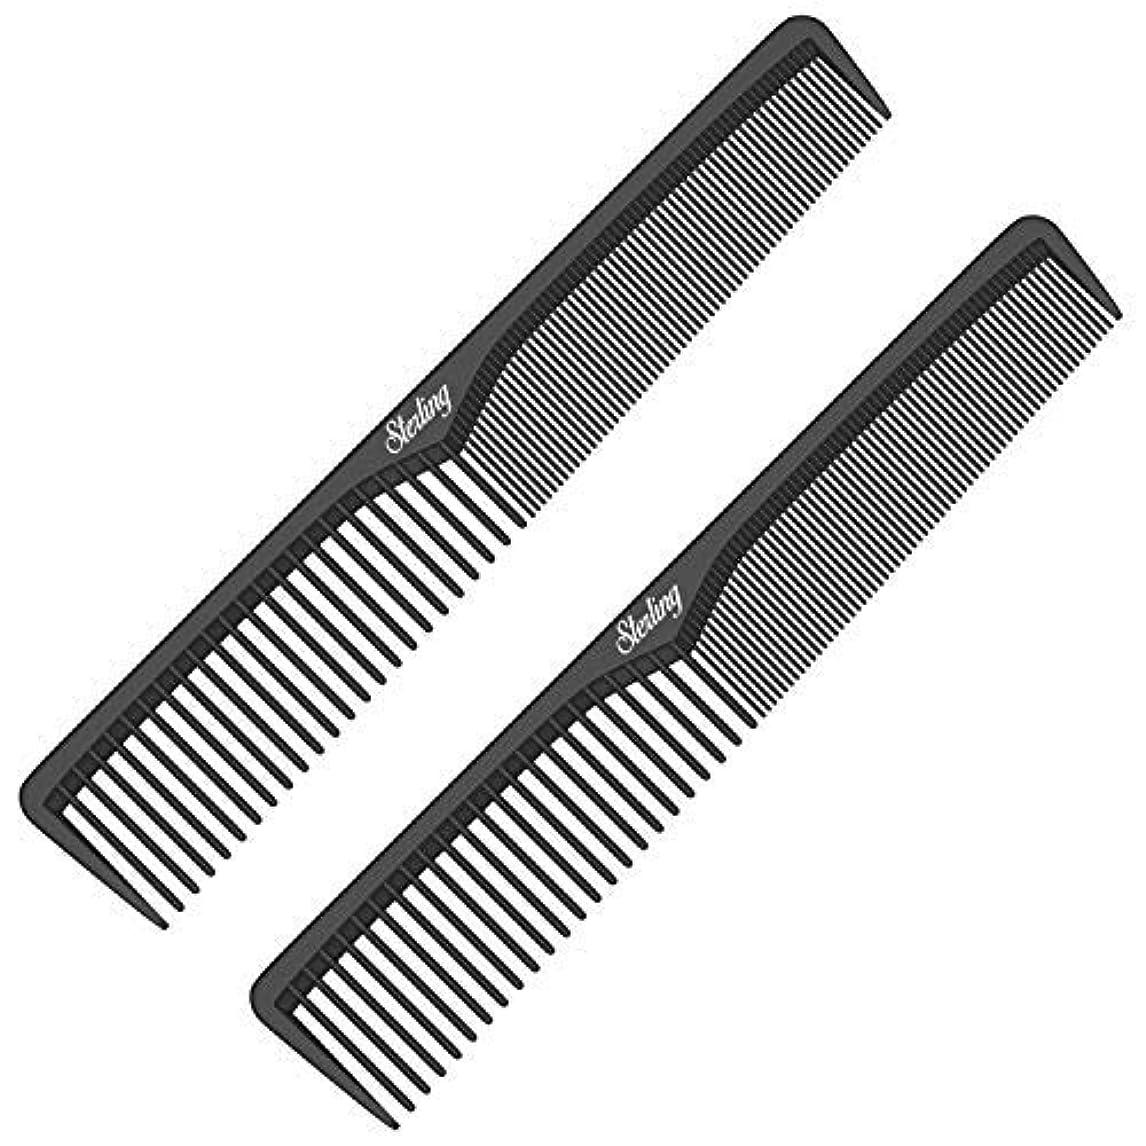 苛性予防接種助けてStyling Comb (2 Pack) | Professional 7  Black Carbon Fiber Anti Static Chemical And Heat Resistant Combs For All...